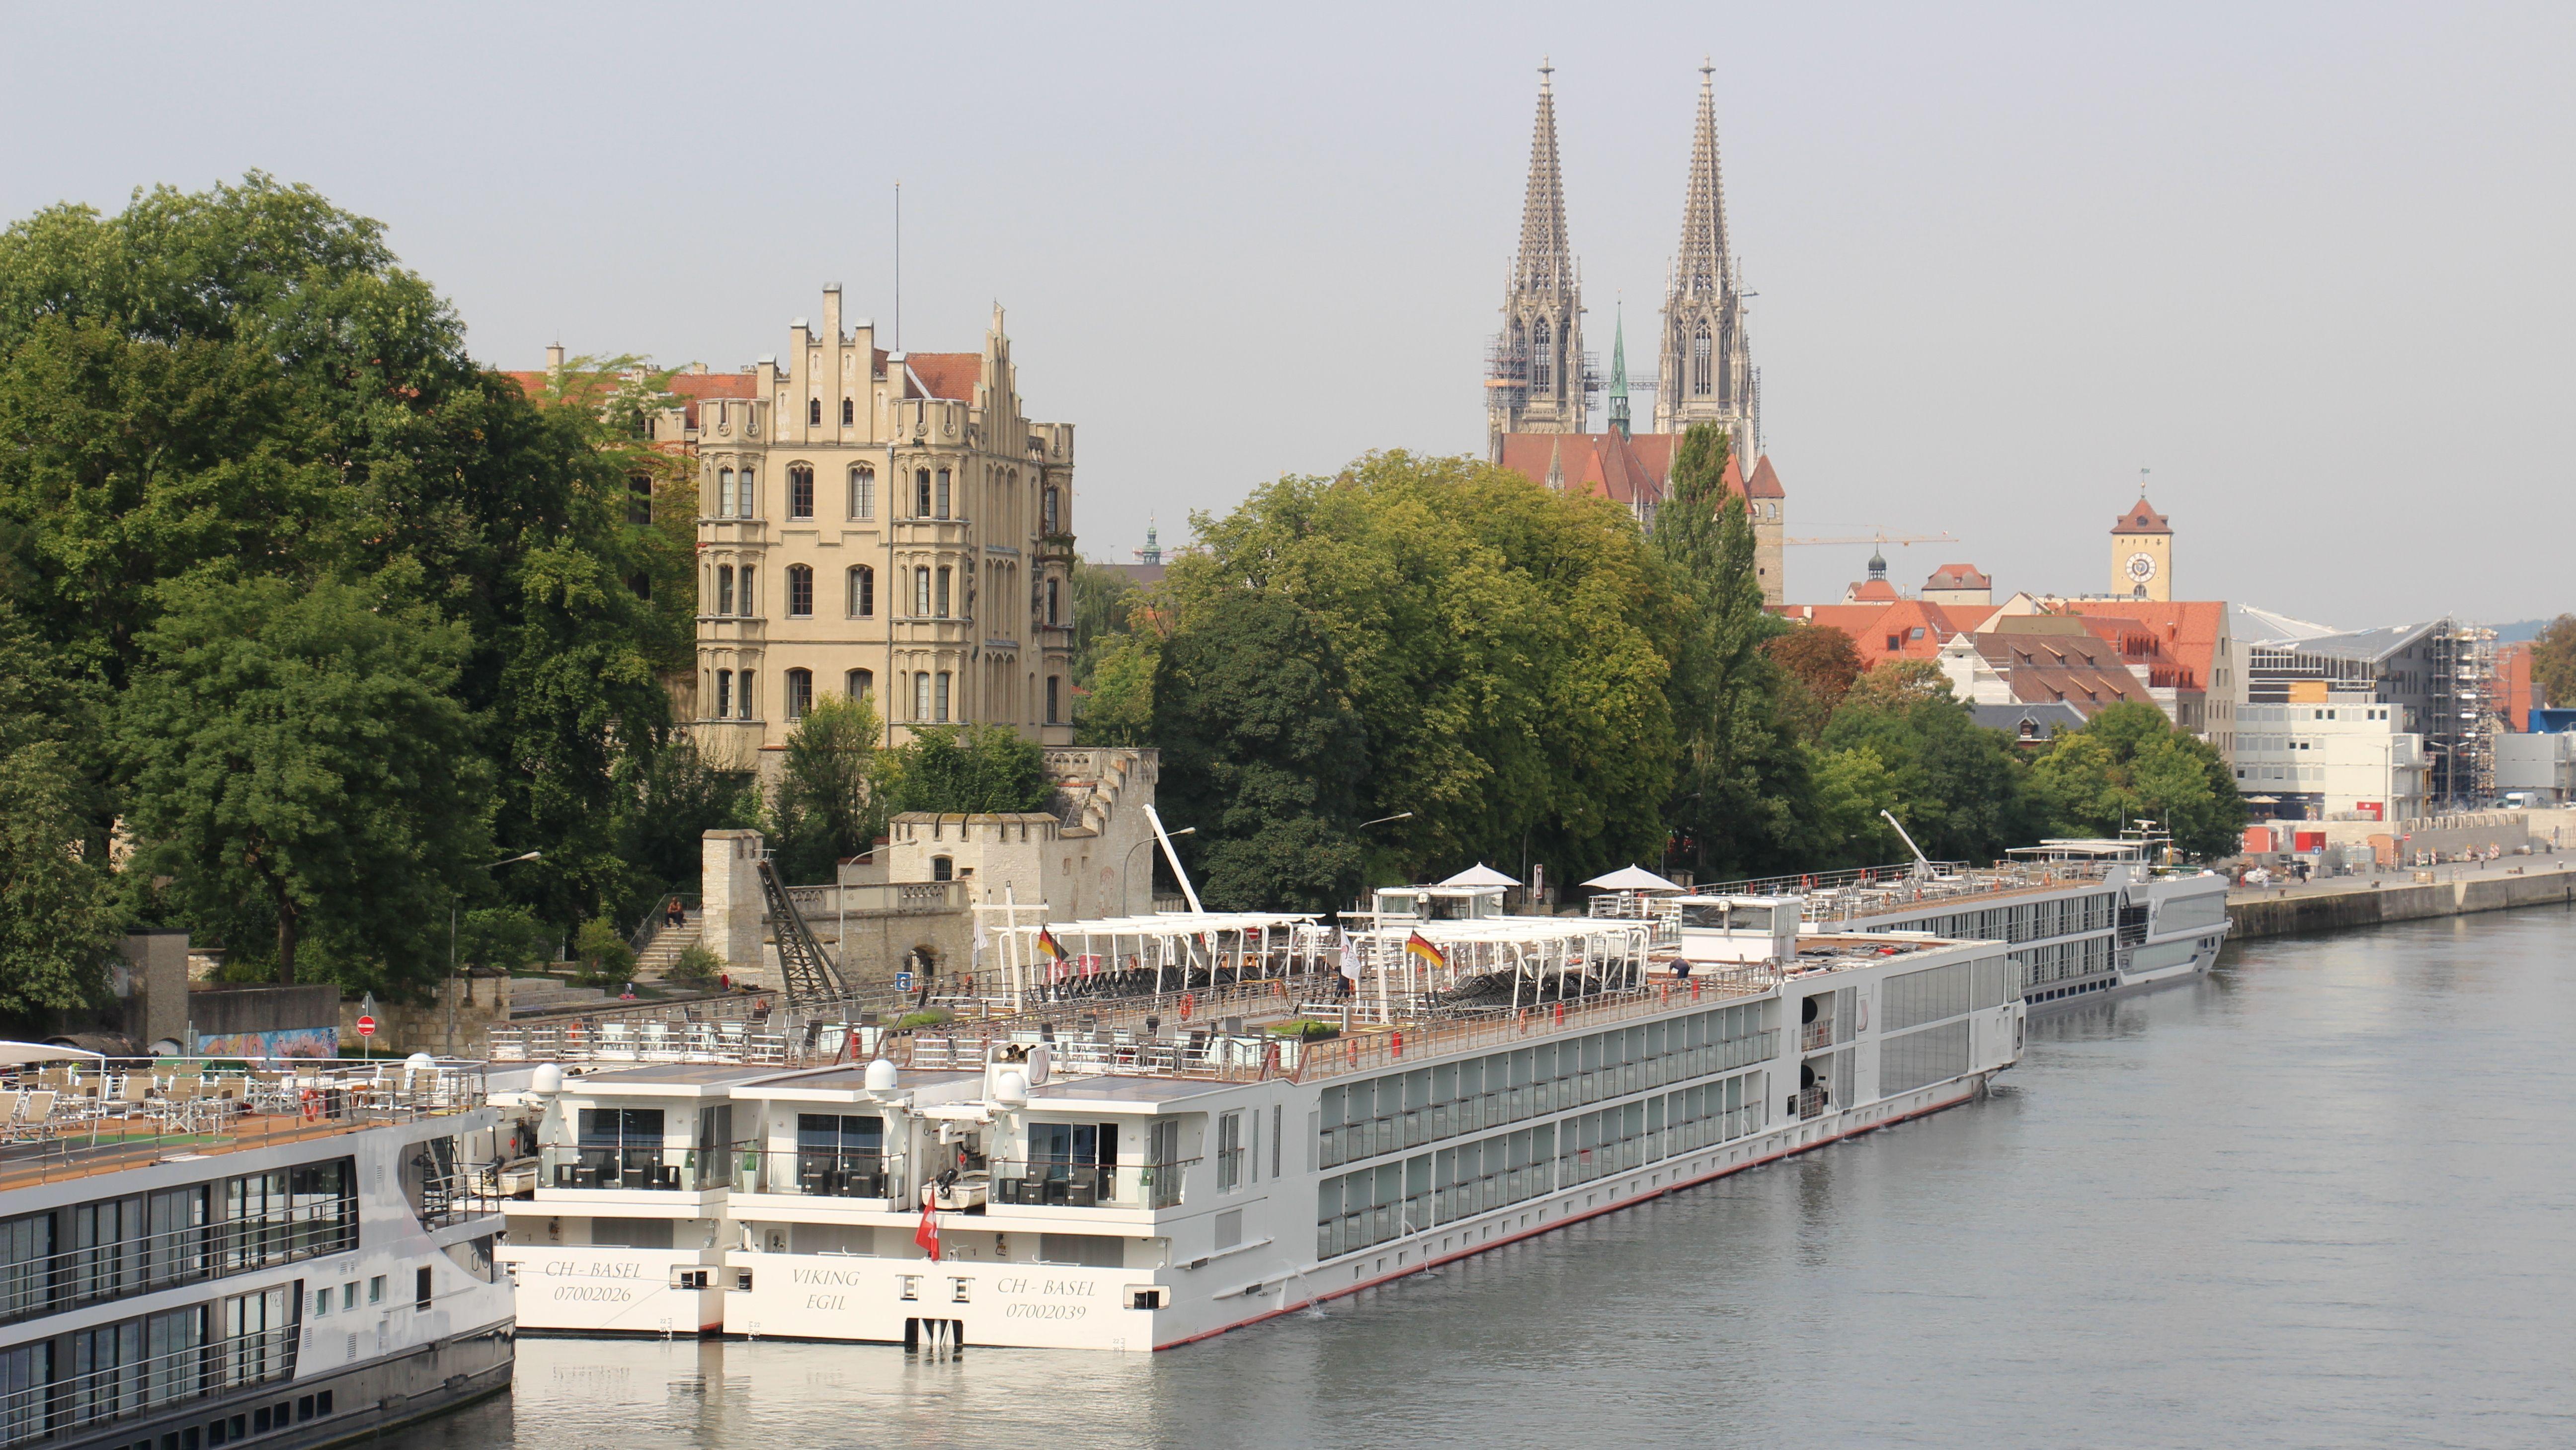 Regensburg erwartet wieder Flusskreuzfahrtschiffe